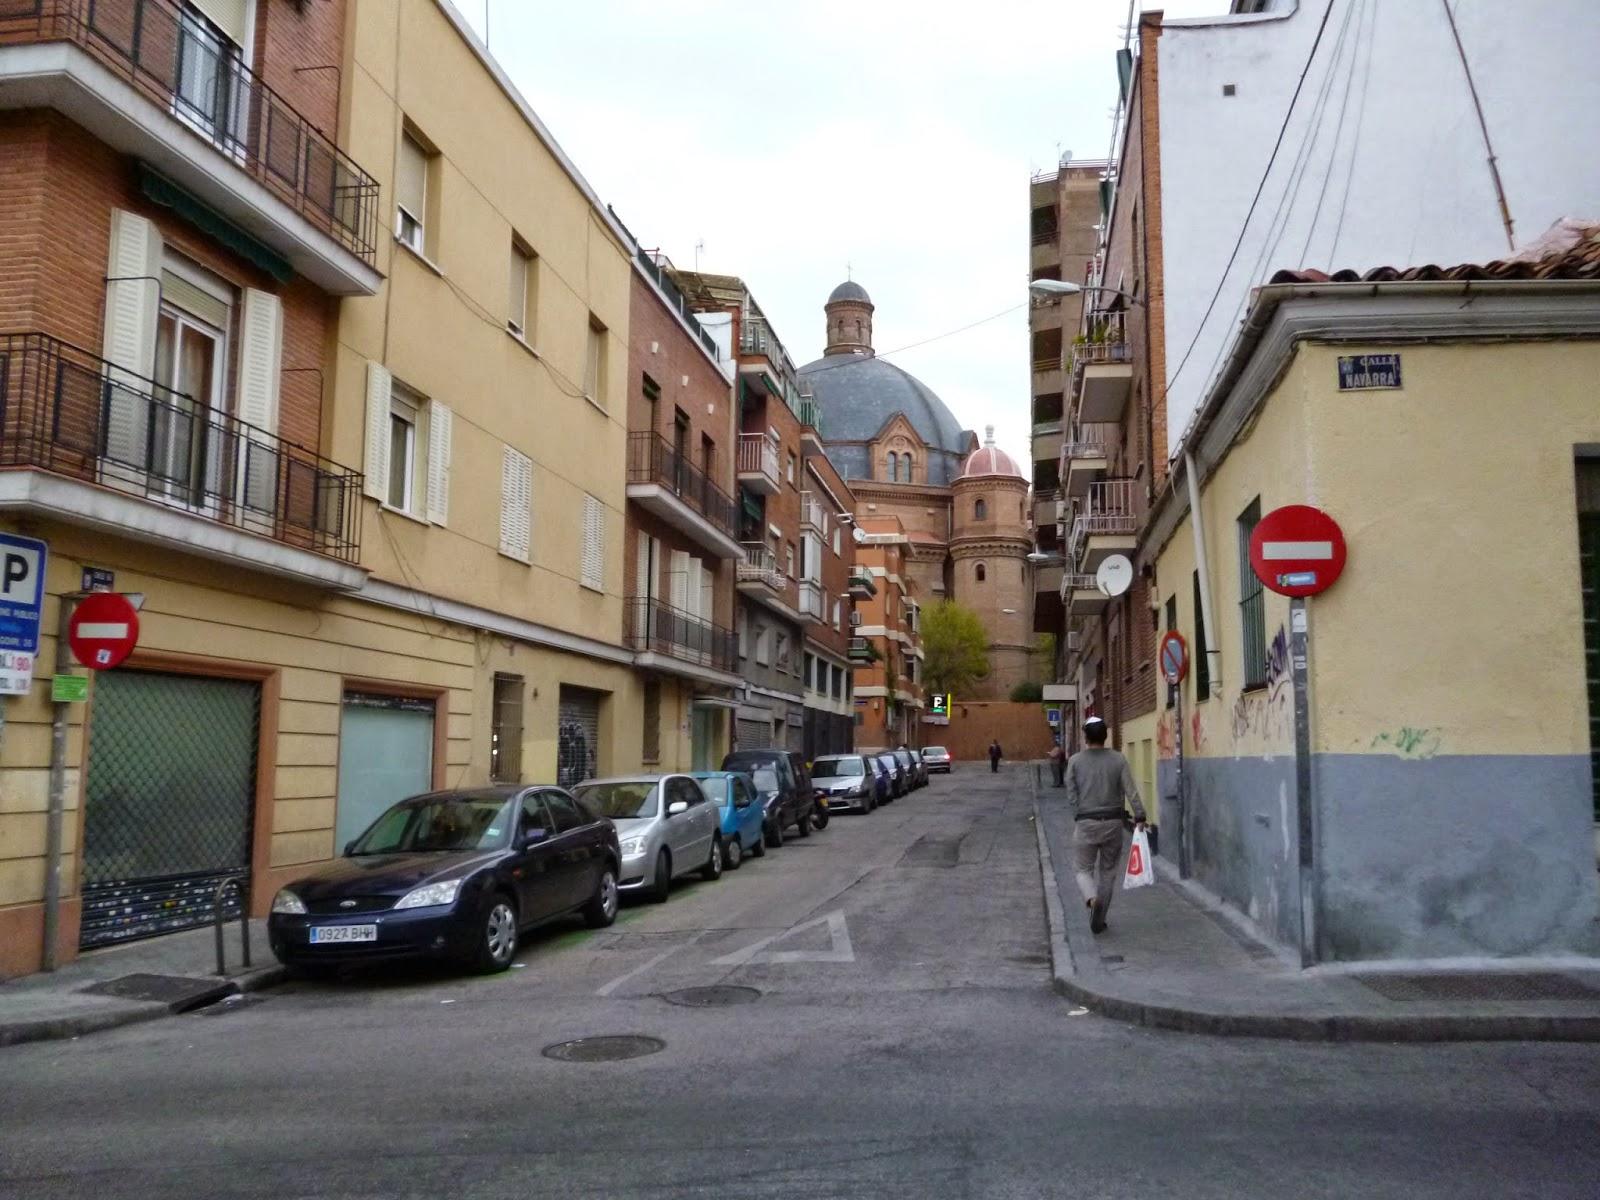 Asociaci n vecinal solidaridad cuatro caminos tetu n for Calle prado 8 madrid